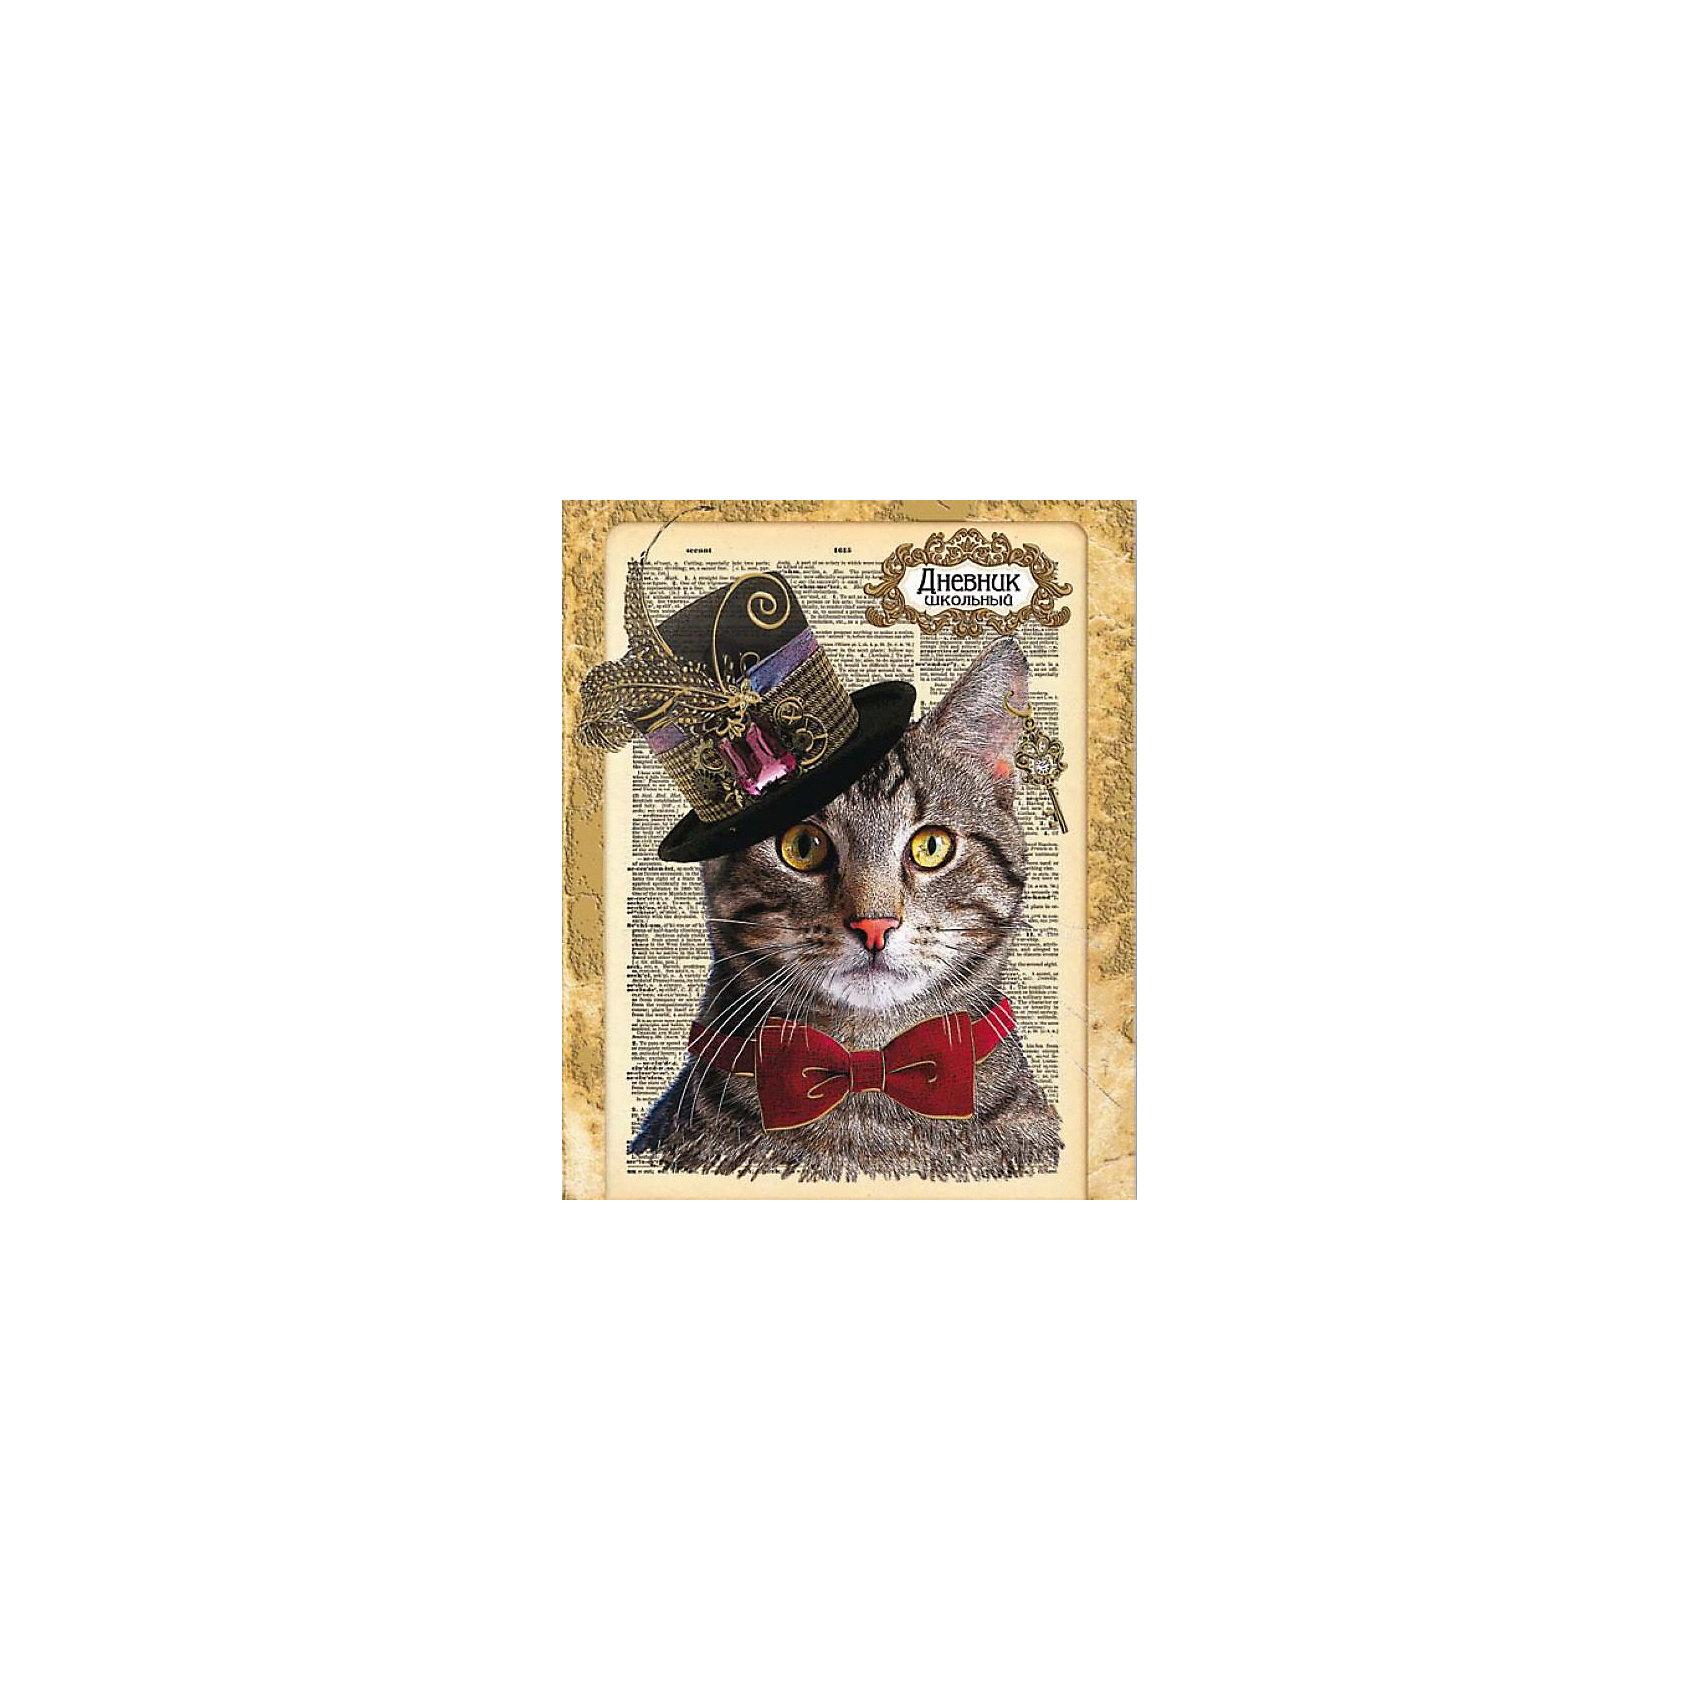 Дневник школьный Кот в шляпе Феникс+Бумажная продукция<br>Дневник шк. КОТ В ШЛЯПЕ (7БЦ с печатью по ткани, тисн. золотой фольгой, 96 стр. Цв. запечатка форзаца. Универсальная шпаргалка)<br><br>Ширина мм: 210<br>Глубина мм: 170<br>Высота мм: 10<br>Вес г: 220<br>Возраст от месяцев: 72<br>Возраст до месяцев: 2147483647<br>Пол: Унисекс<br>Возраст: Детский<br>SKU: 7046171